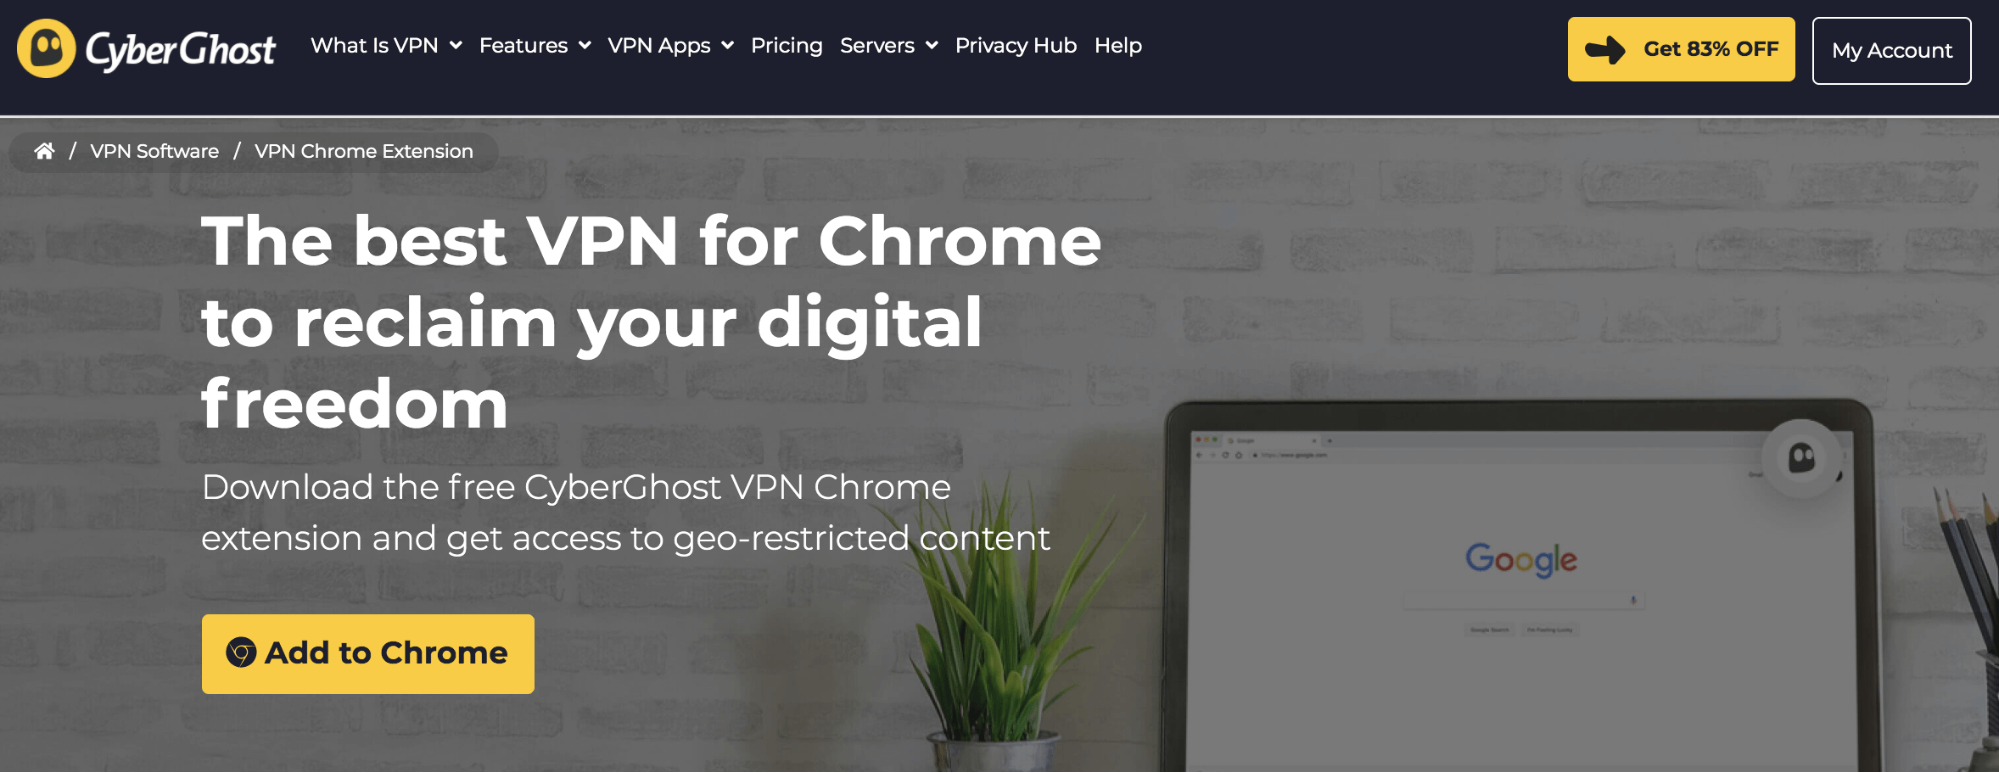 CyberGhost VPN for Chrome